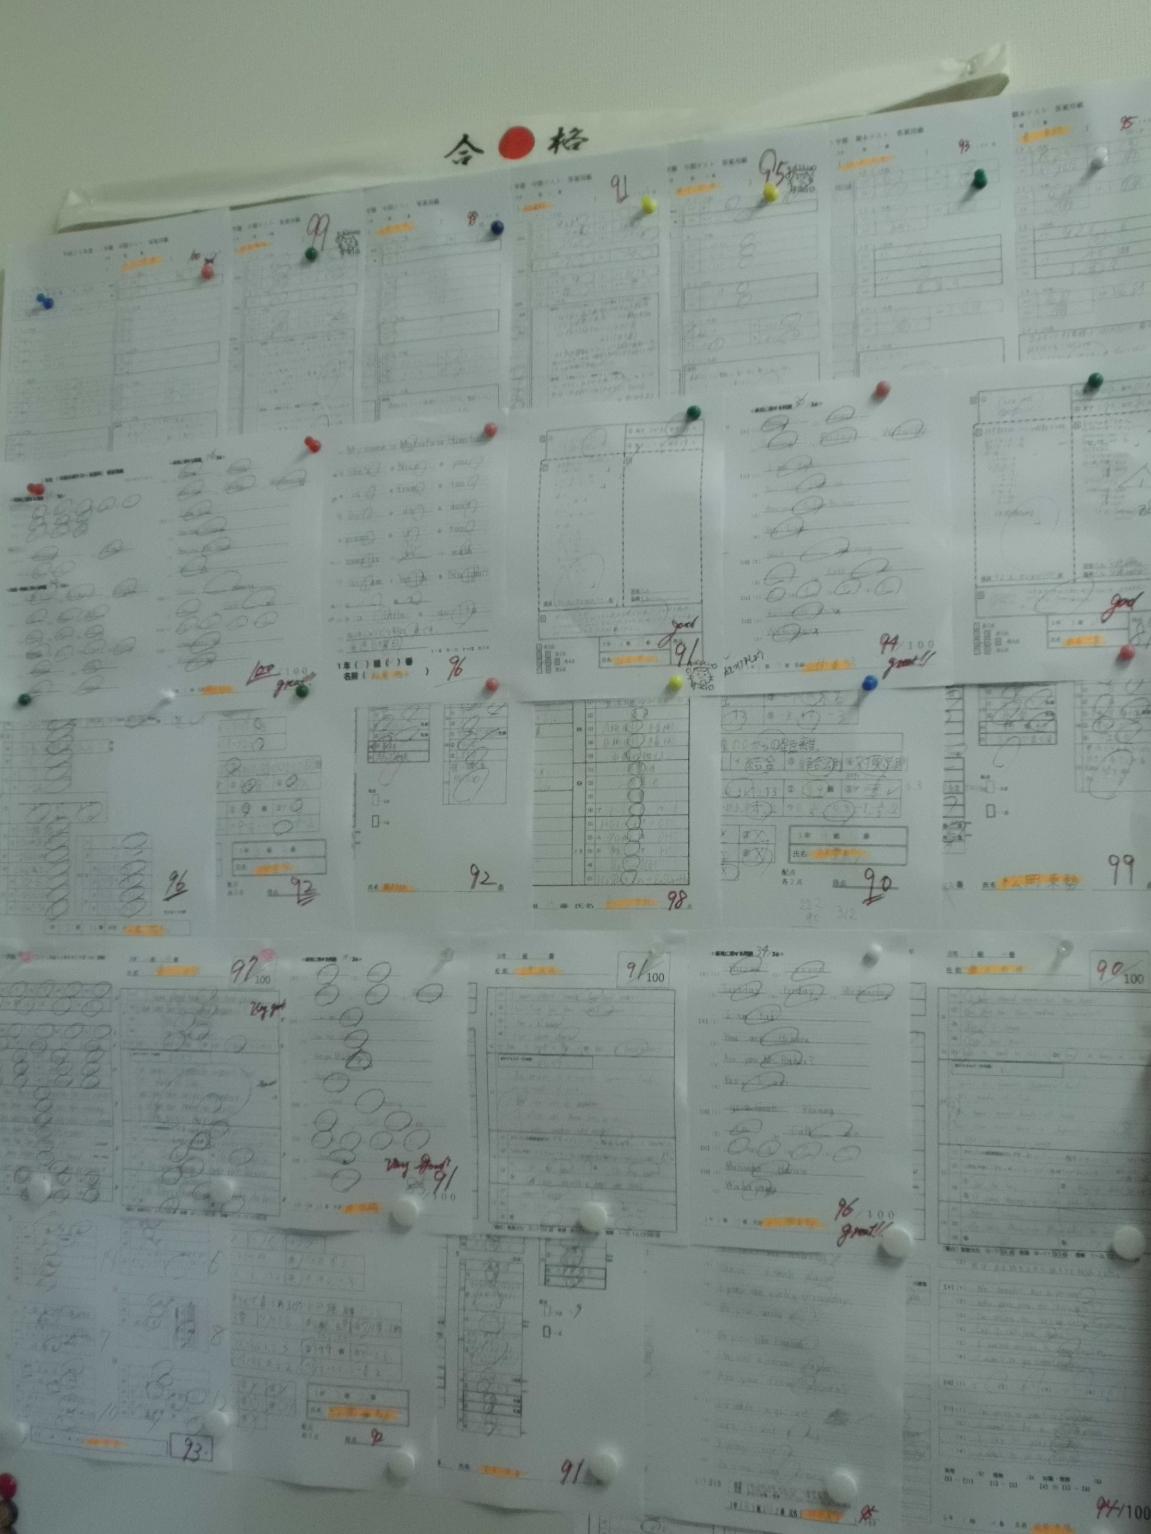 H29一学期テスト